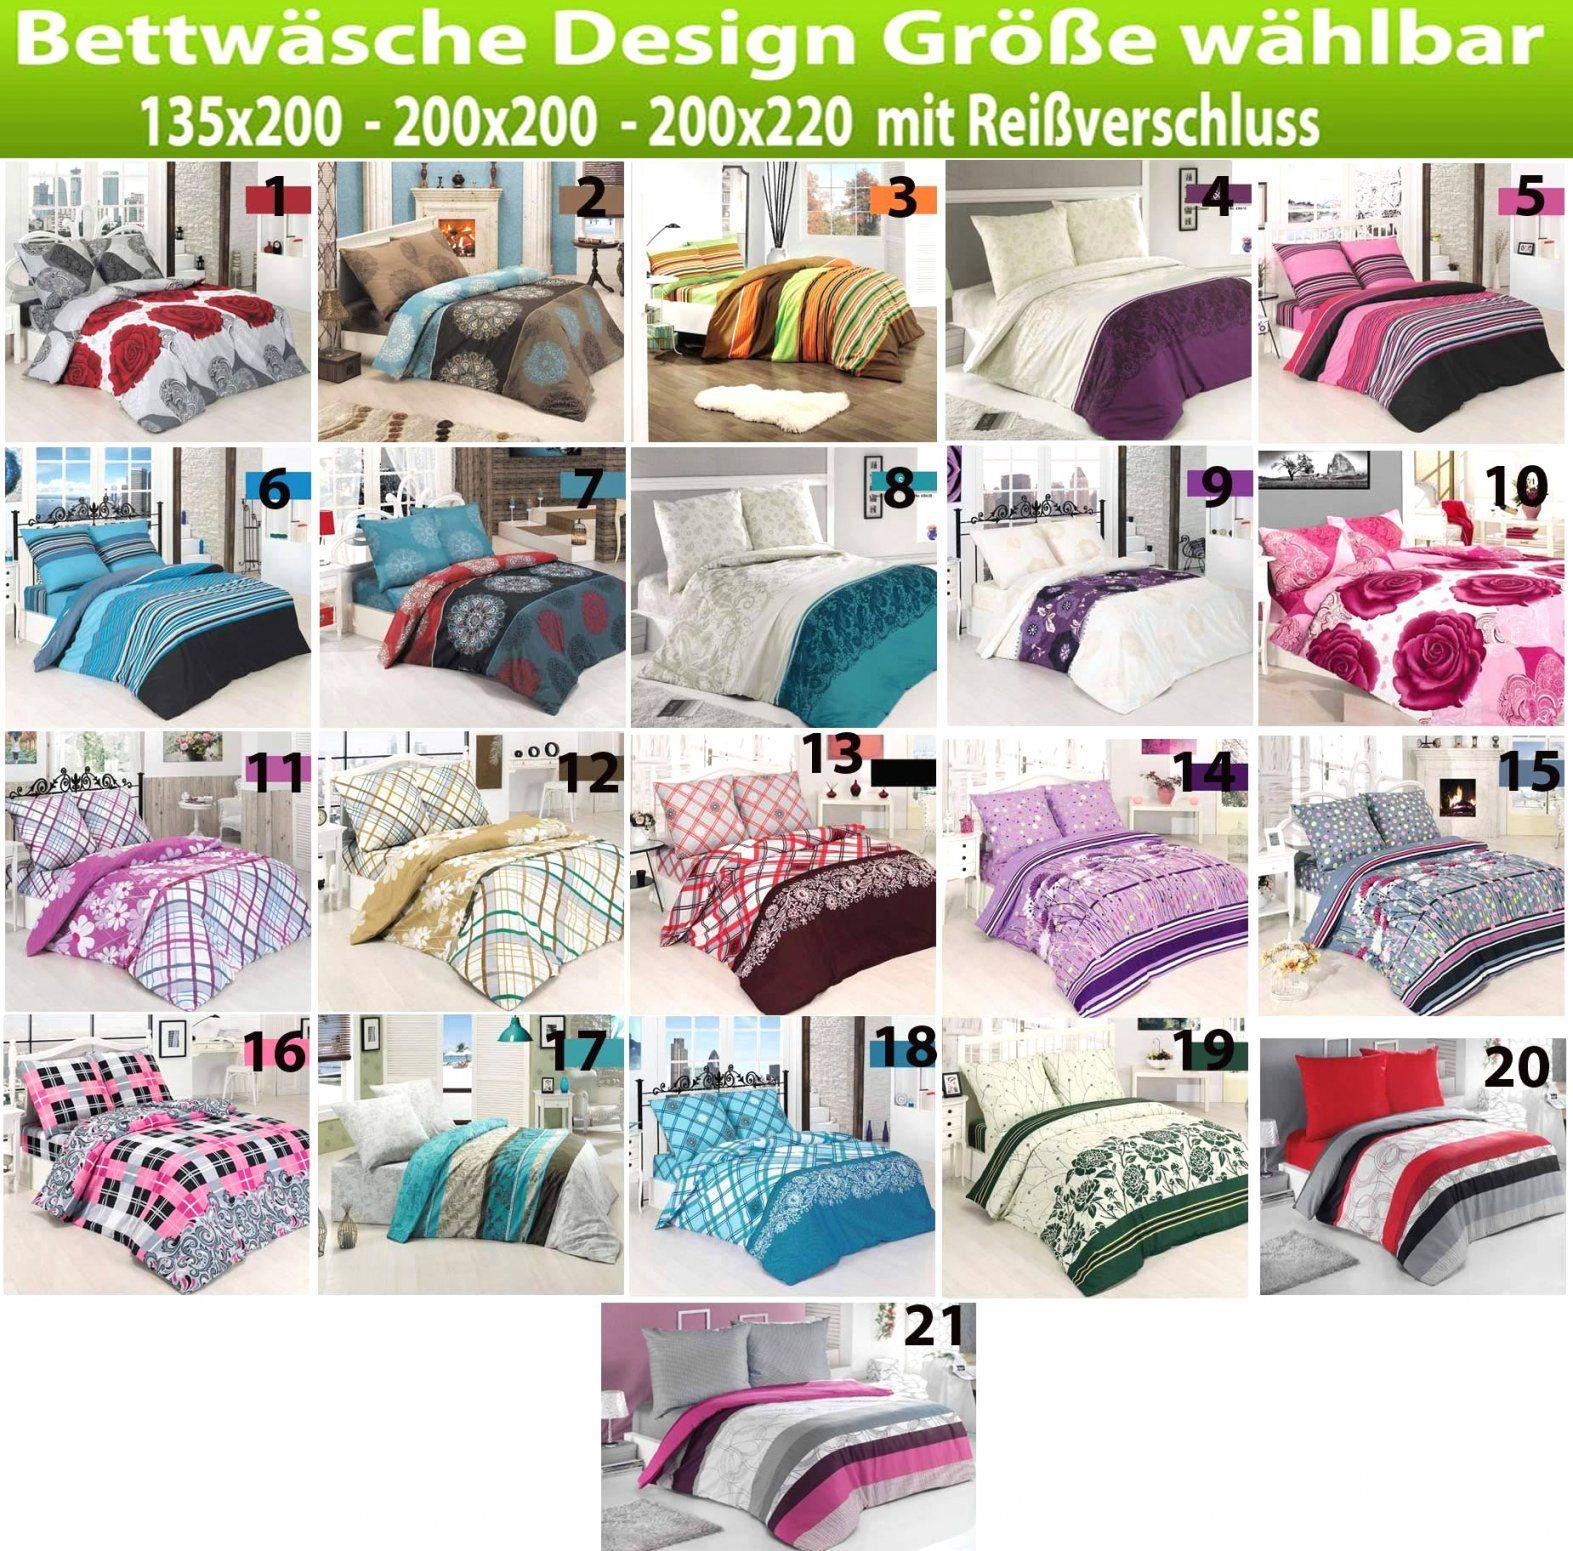 Zufriedenheit Inspiration Bettwäsche 200×220 Günstig Und Herrliche von Bettwäsche 200X220 Günstig Bild